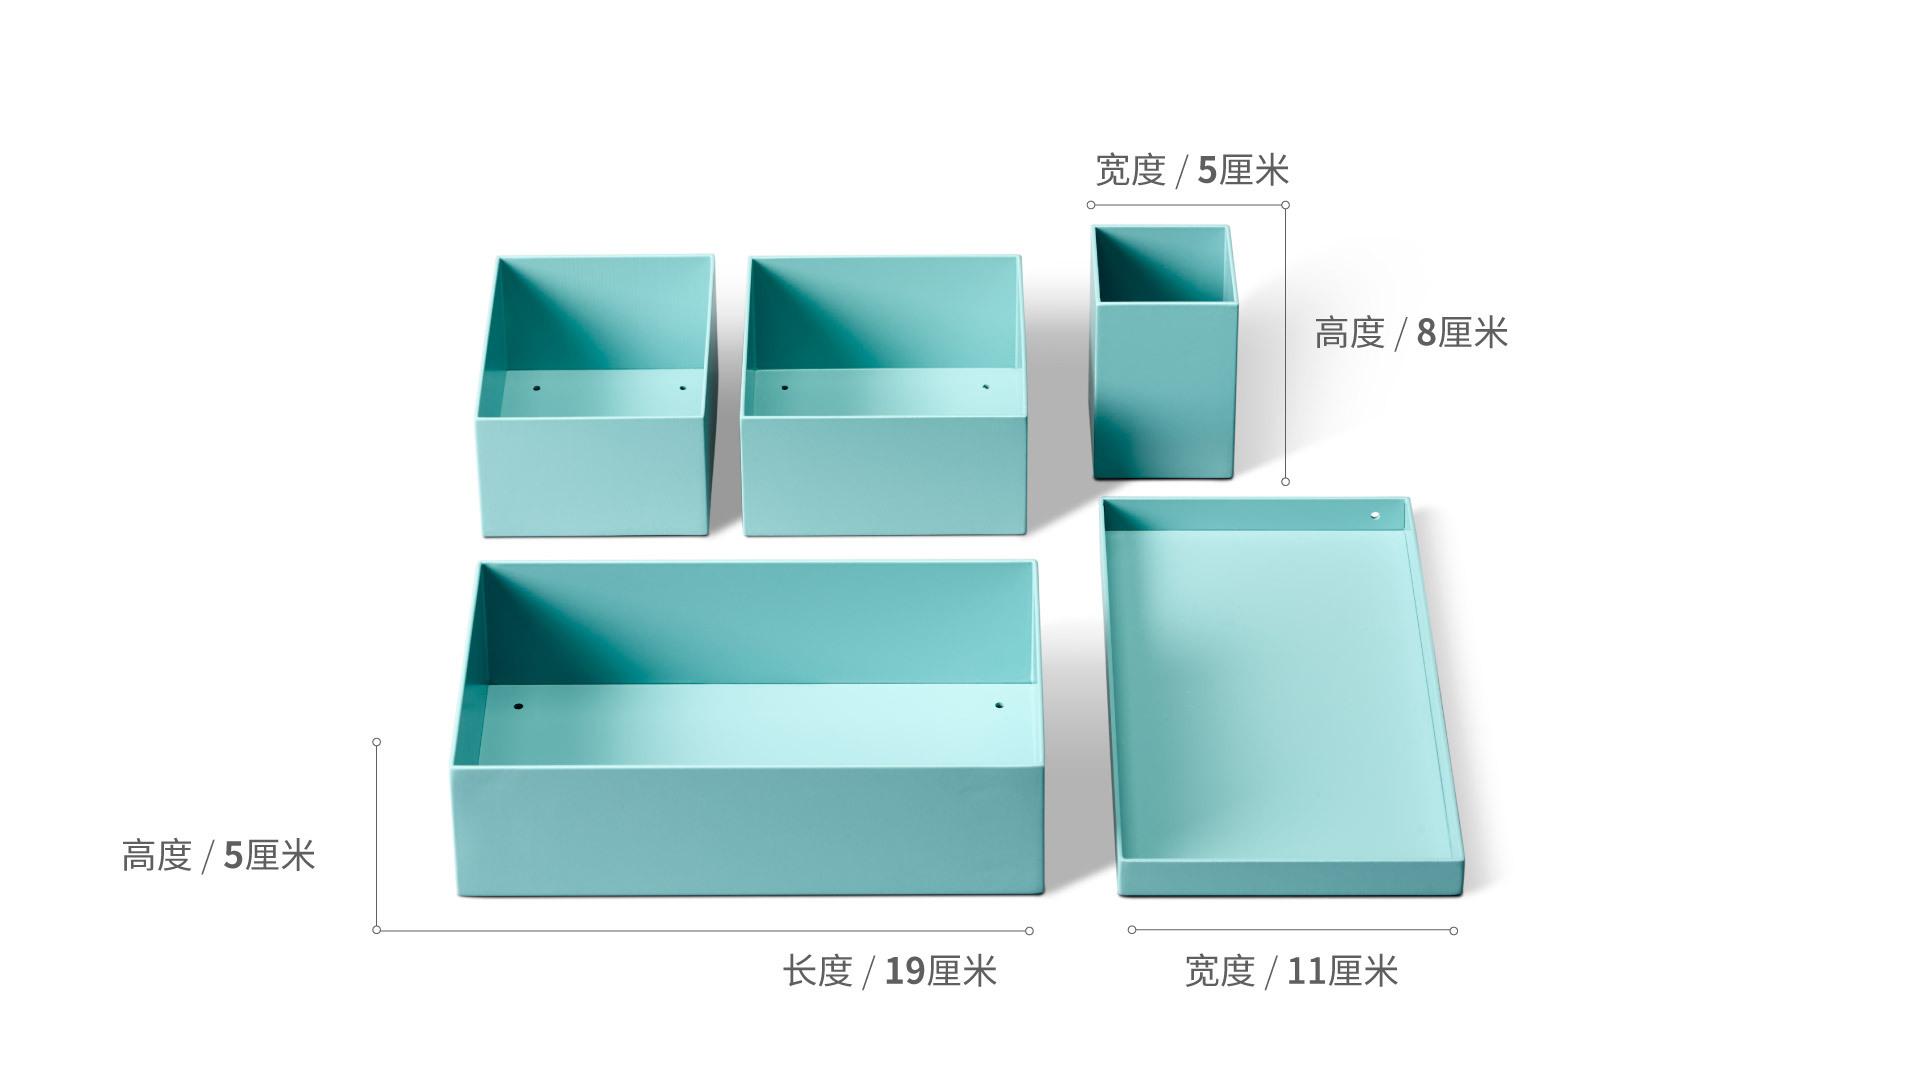 积木桌面收纳5件套升级版装饰效果图